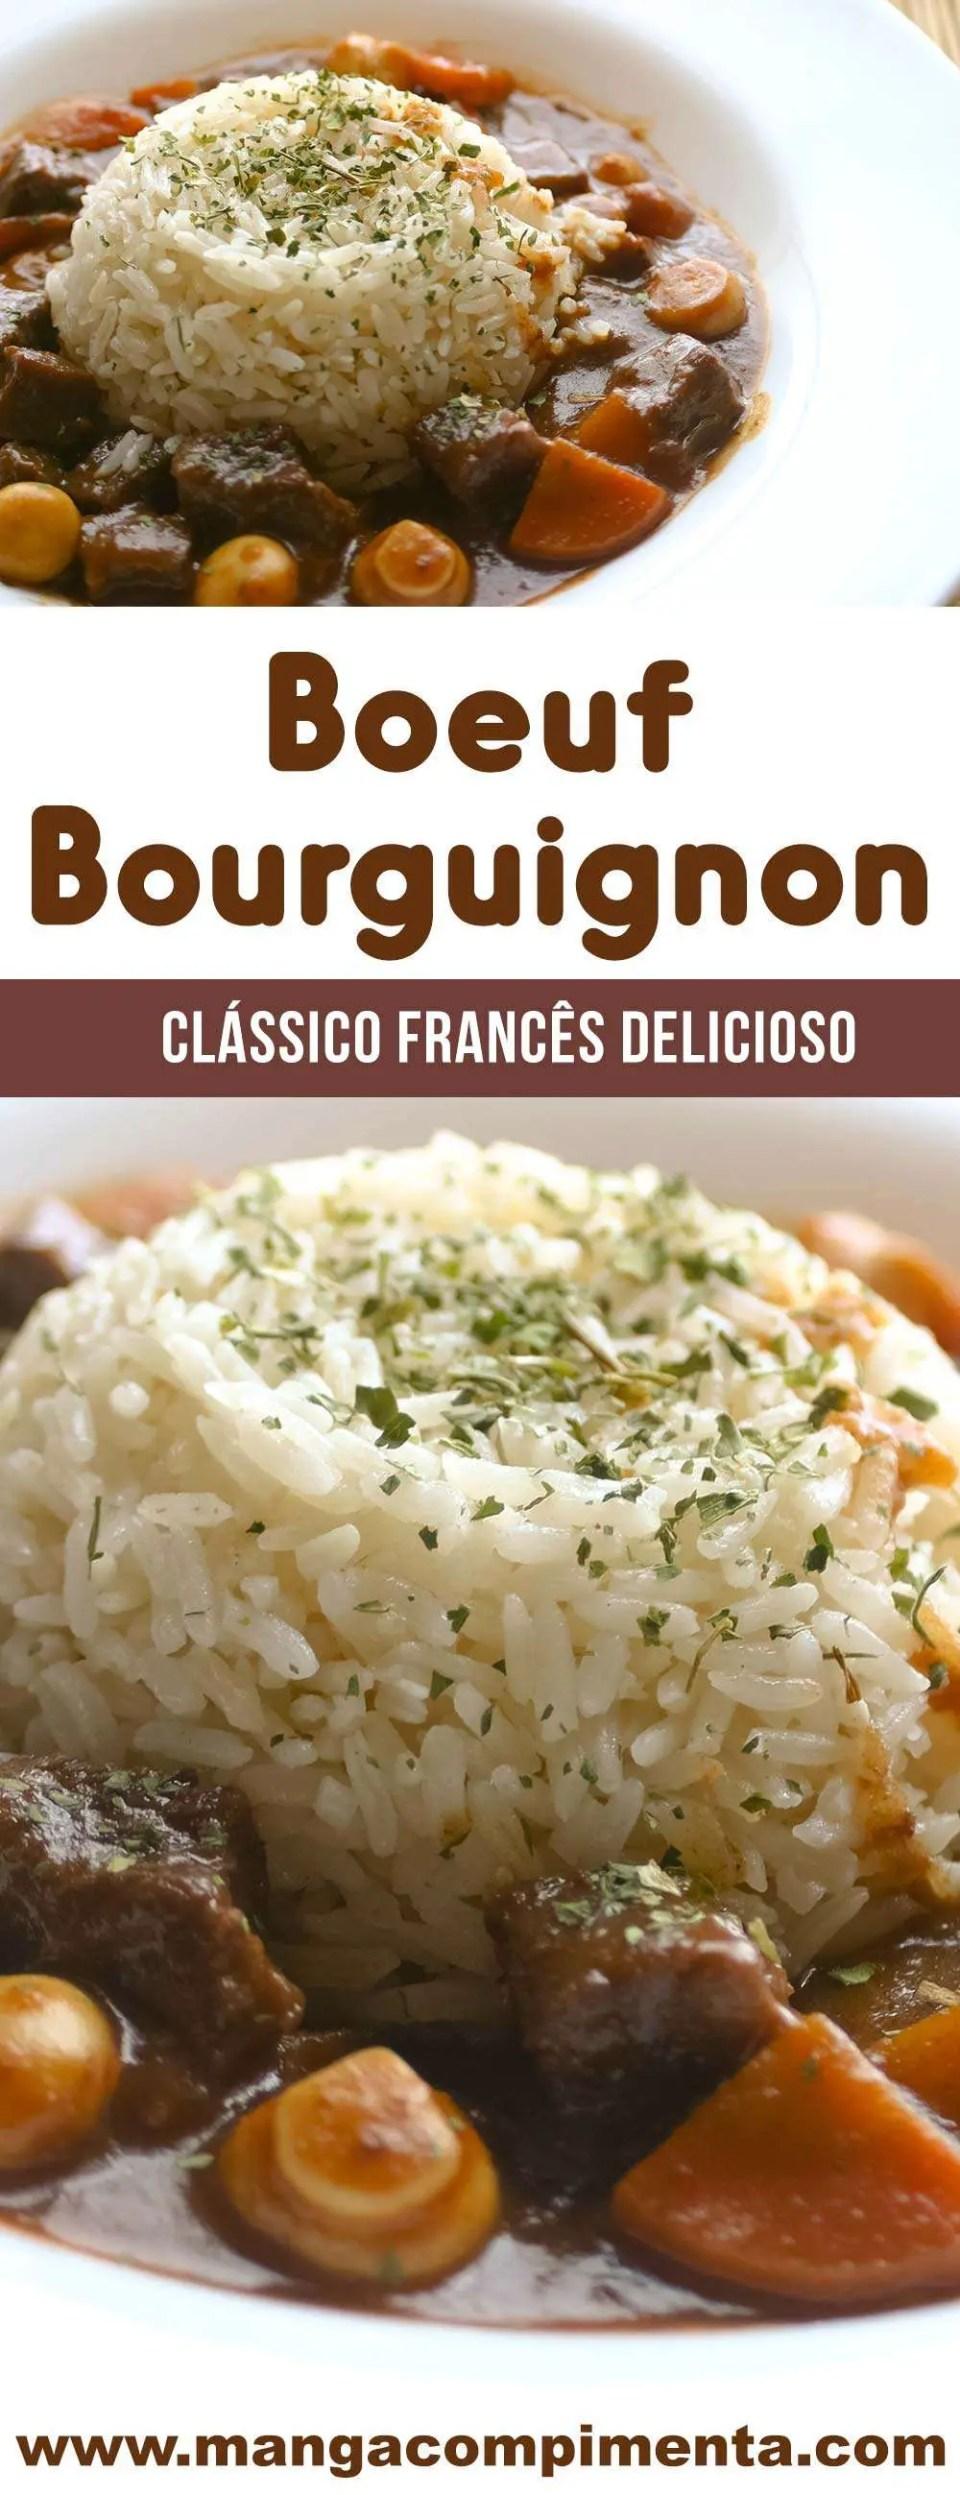 Boeuf Bourguignon - um clássico francês delicioso para fazer na sua casa!